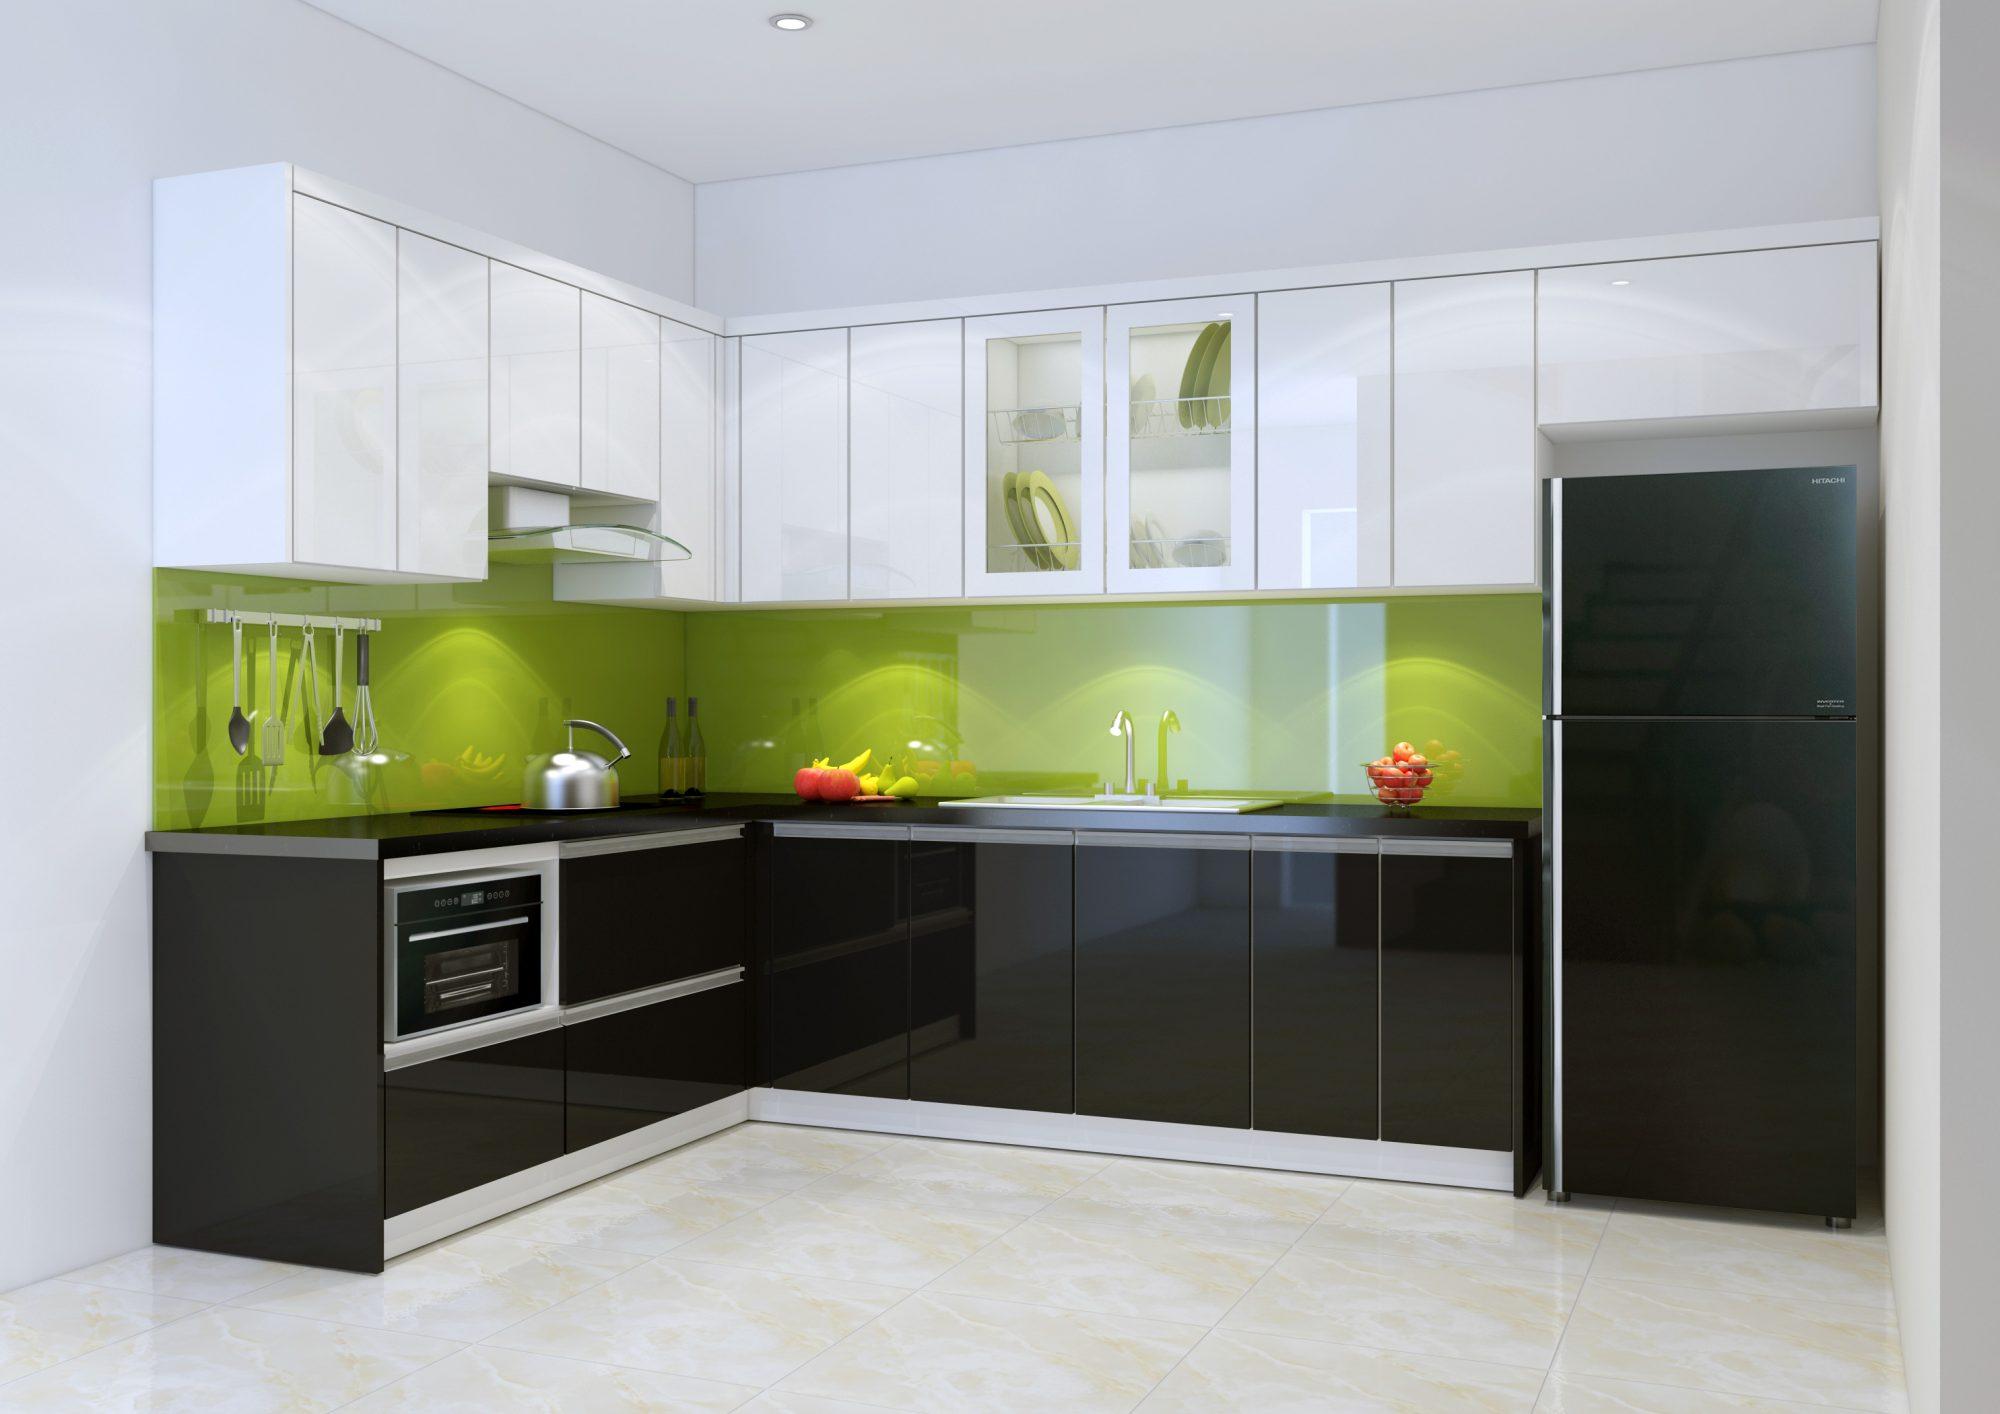 Thiết kế nội thất phòng bếp Hải Phòng